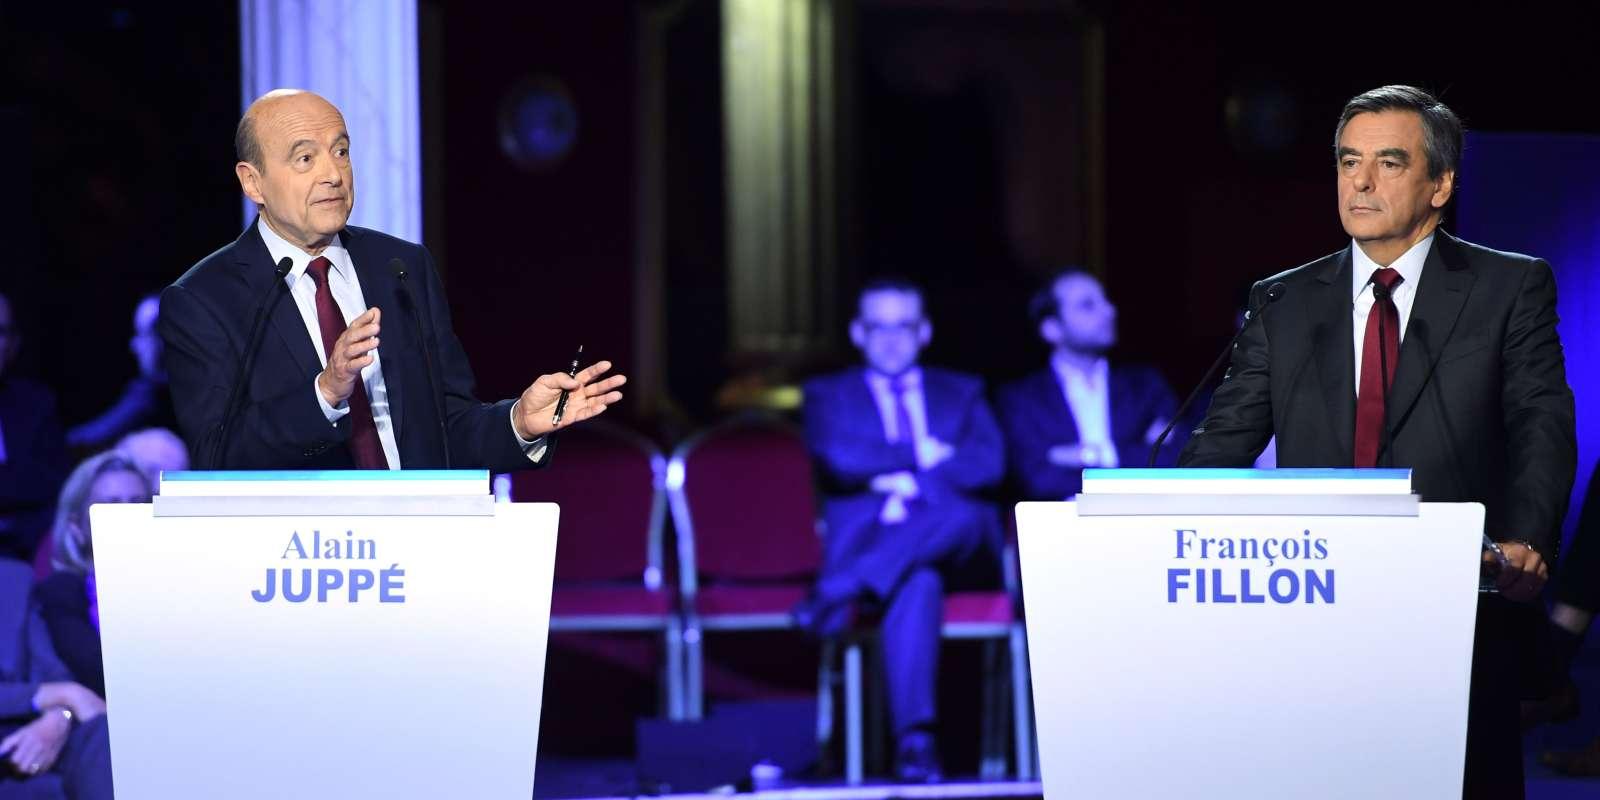 Alain Juppé et François Fillon lors du deuxième débat de la primaire de la droite, le 3 novembre, organisé salle Wagram à Paris.